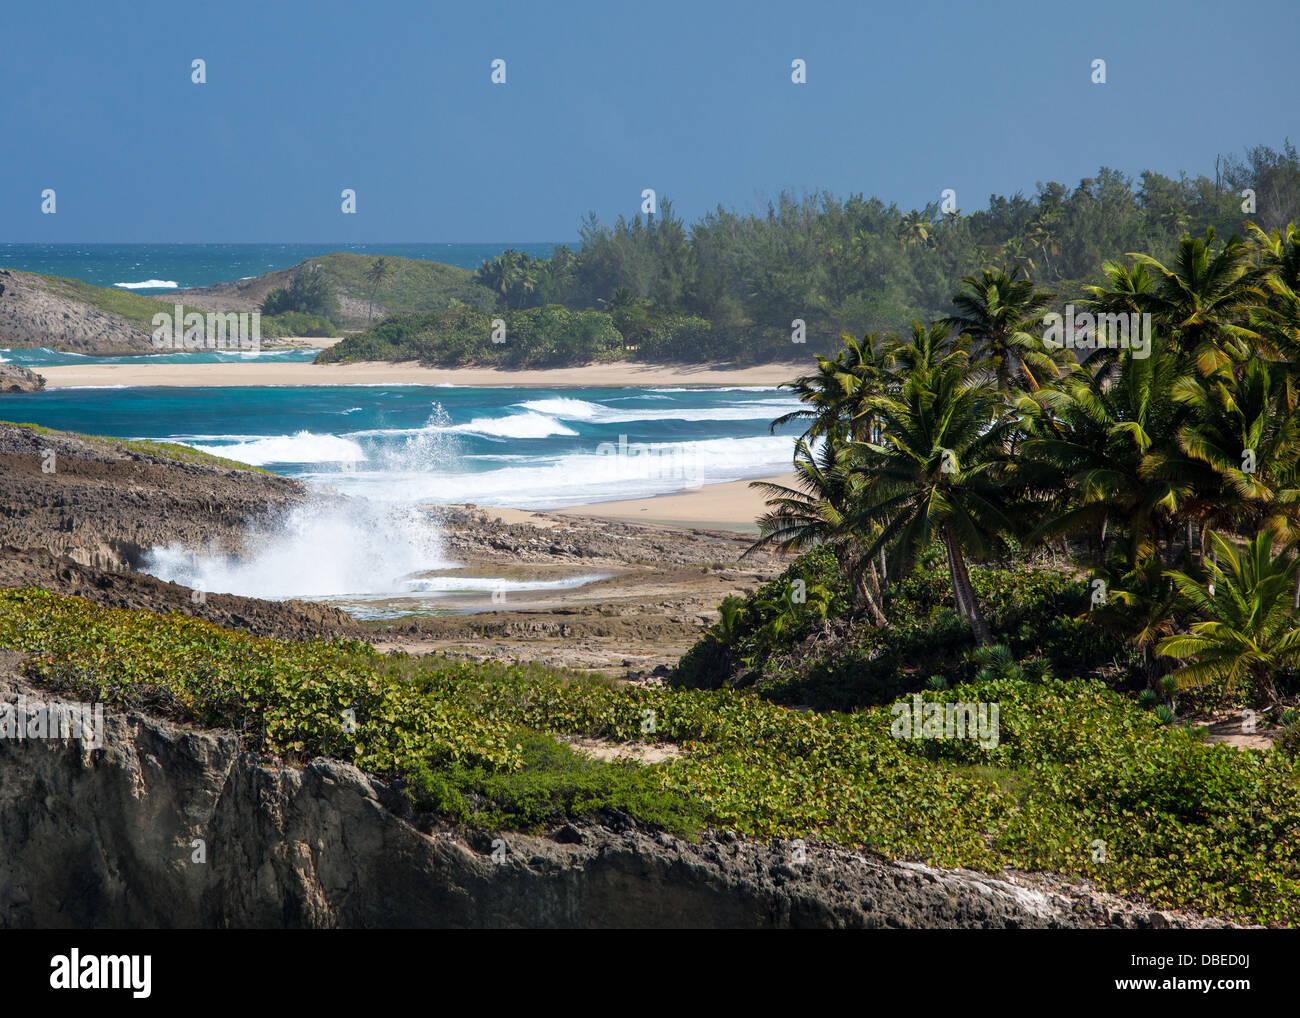 Playas de Punta Palmas Altas en la costa norte de Puerto Rico. Imagen De Stock